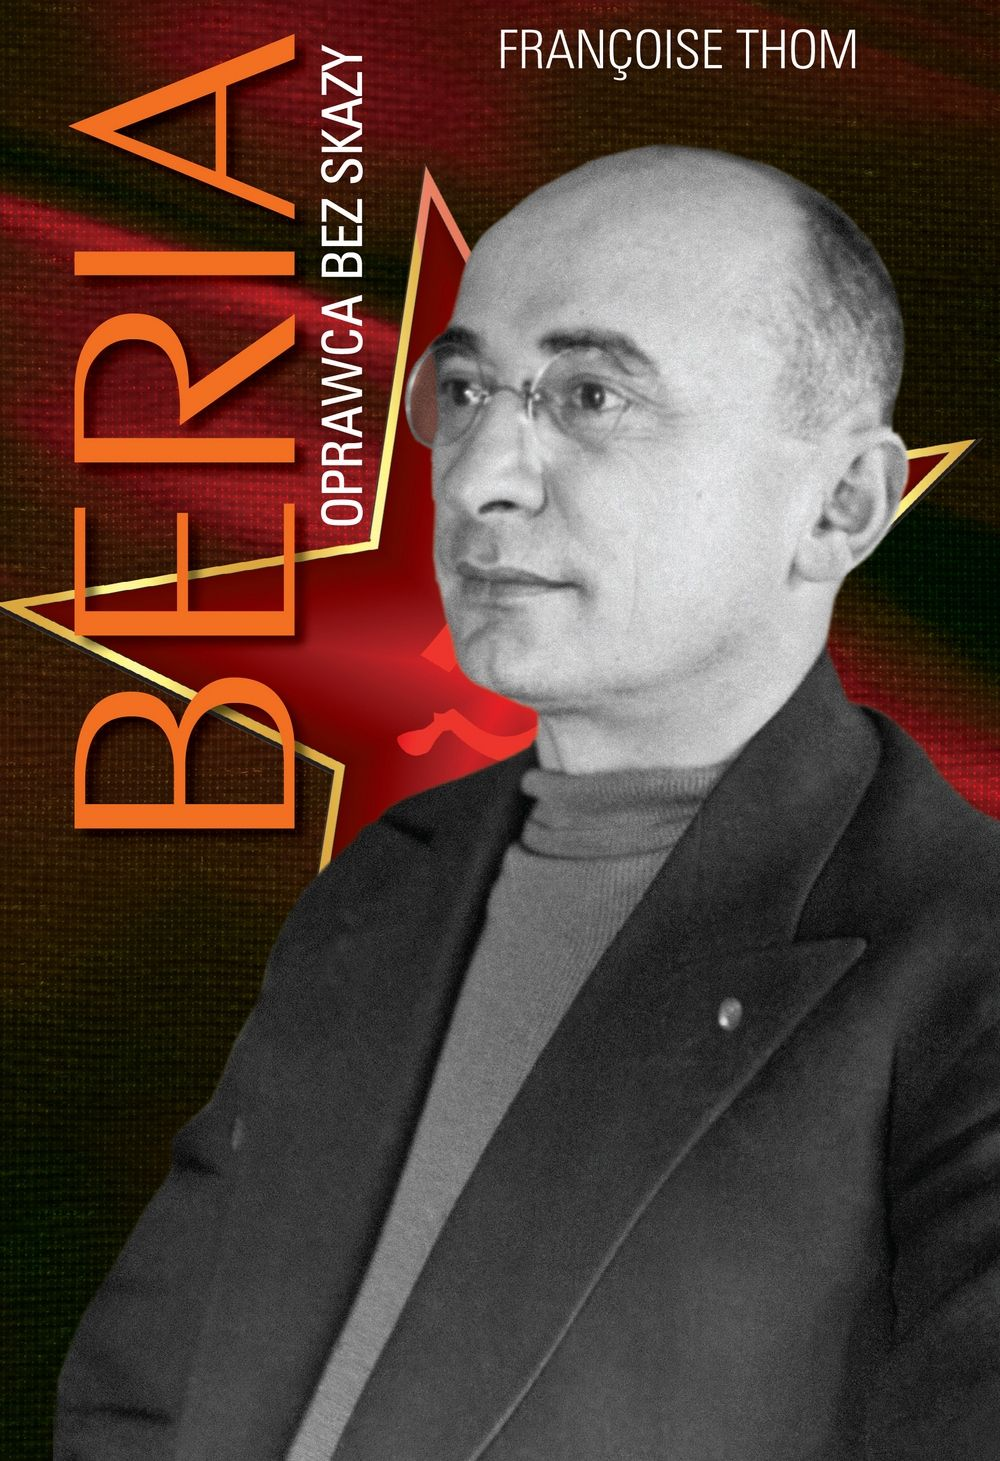 """Artykuł powstał między innymi w oparciu o książkę Francoise Thom pod tytułem """"Beria. Oprawca bez skazy"""" (Prószyński i S-ka 2016)."""